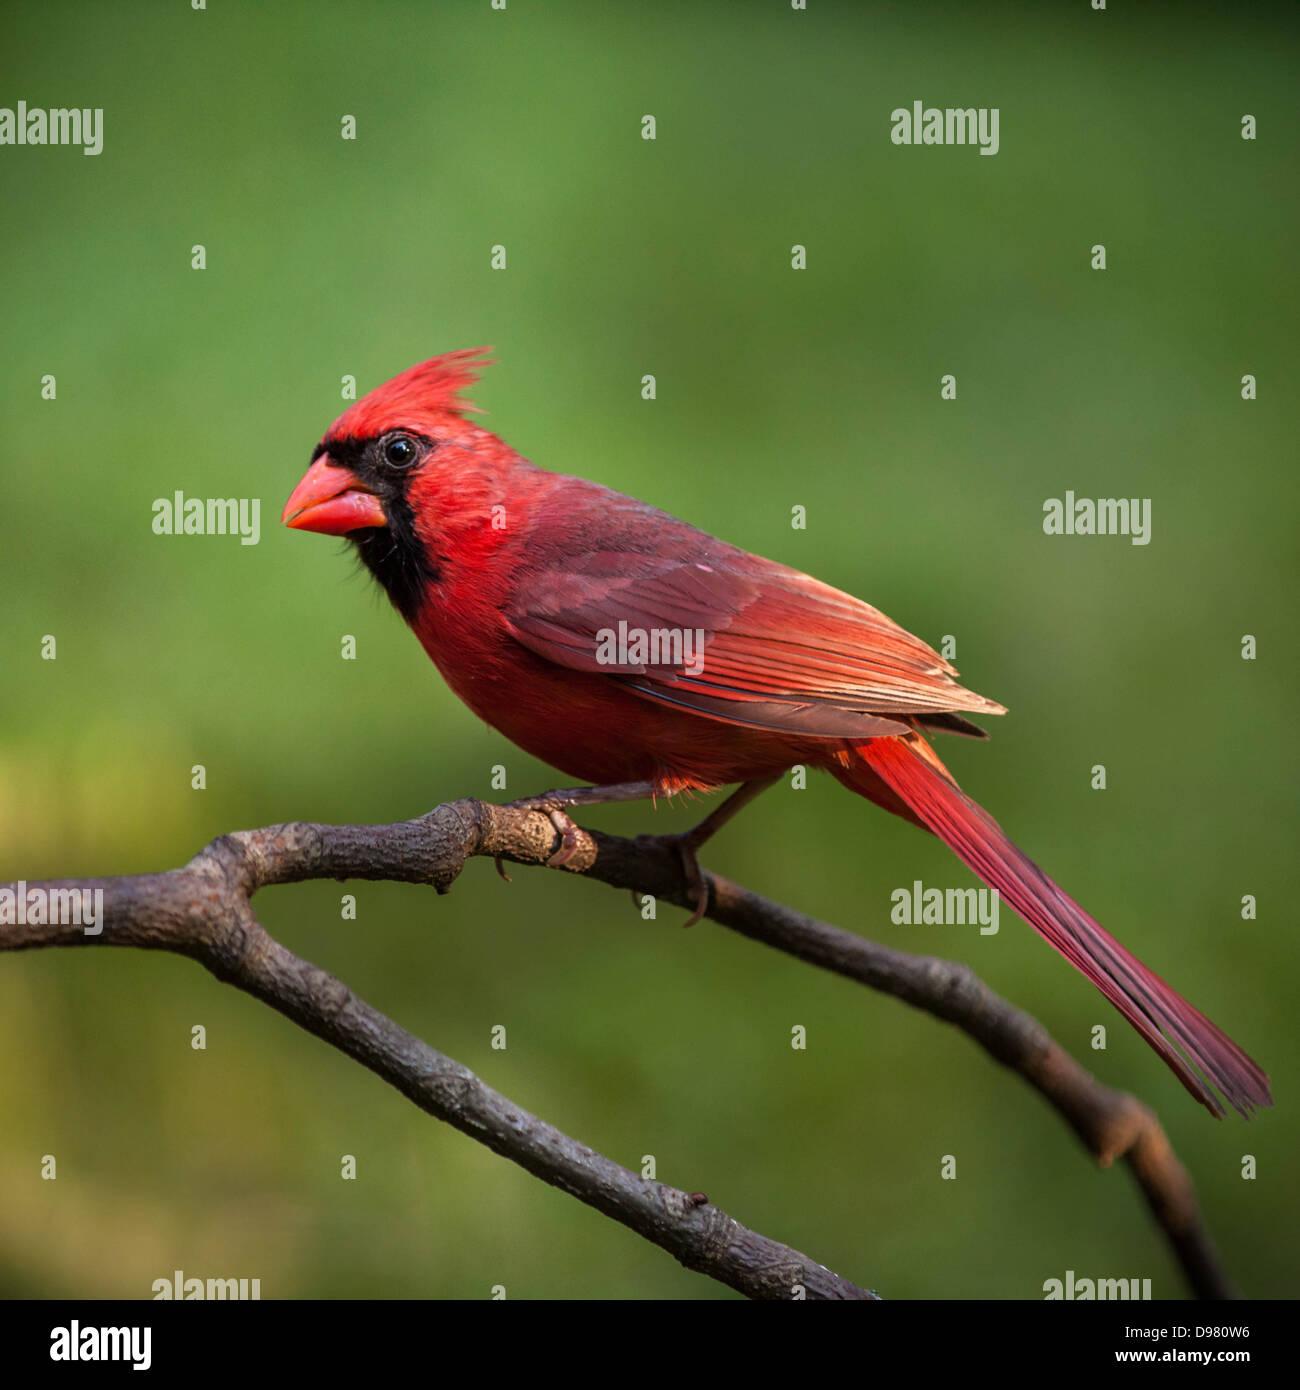 Le Cardinal rouge mâle perché sur une branche sur un fond vert Photo Stock